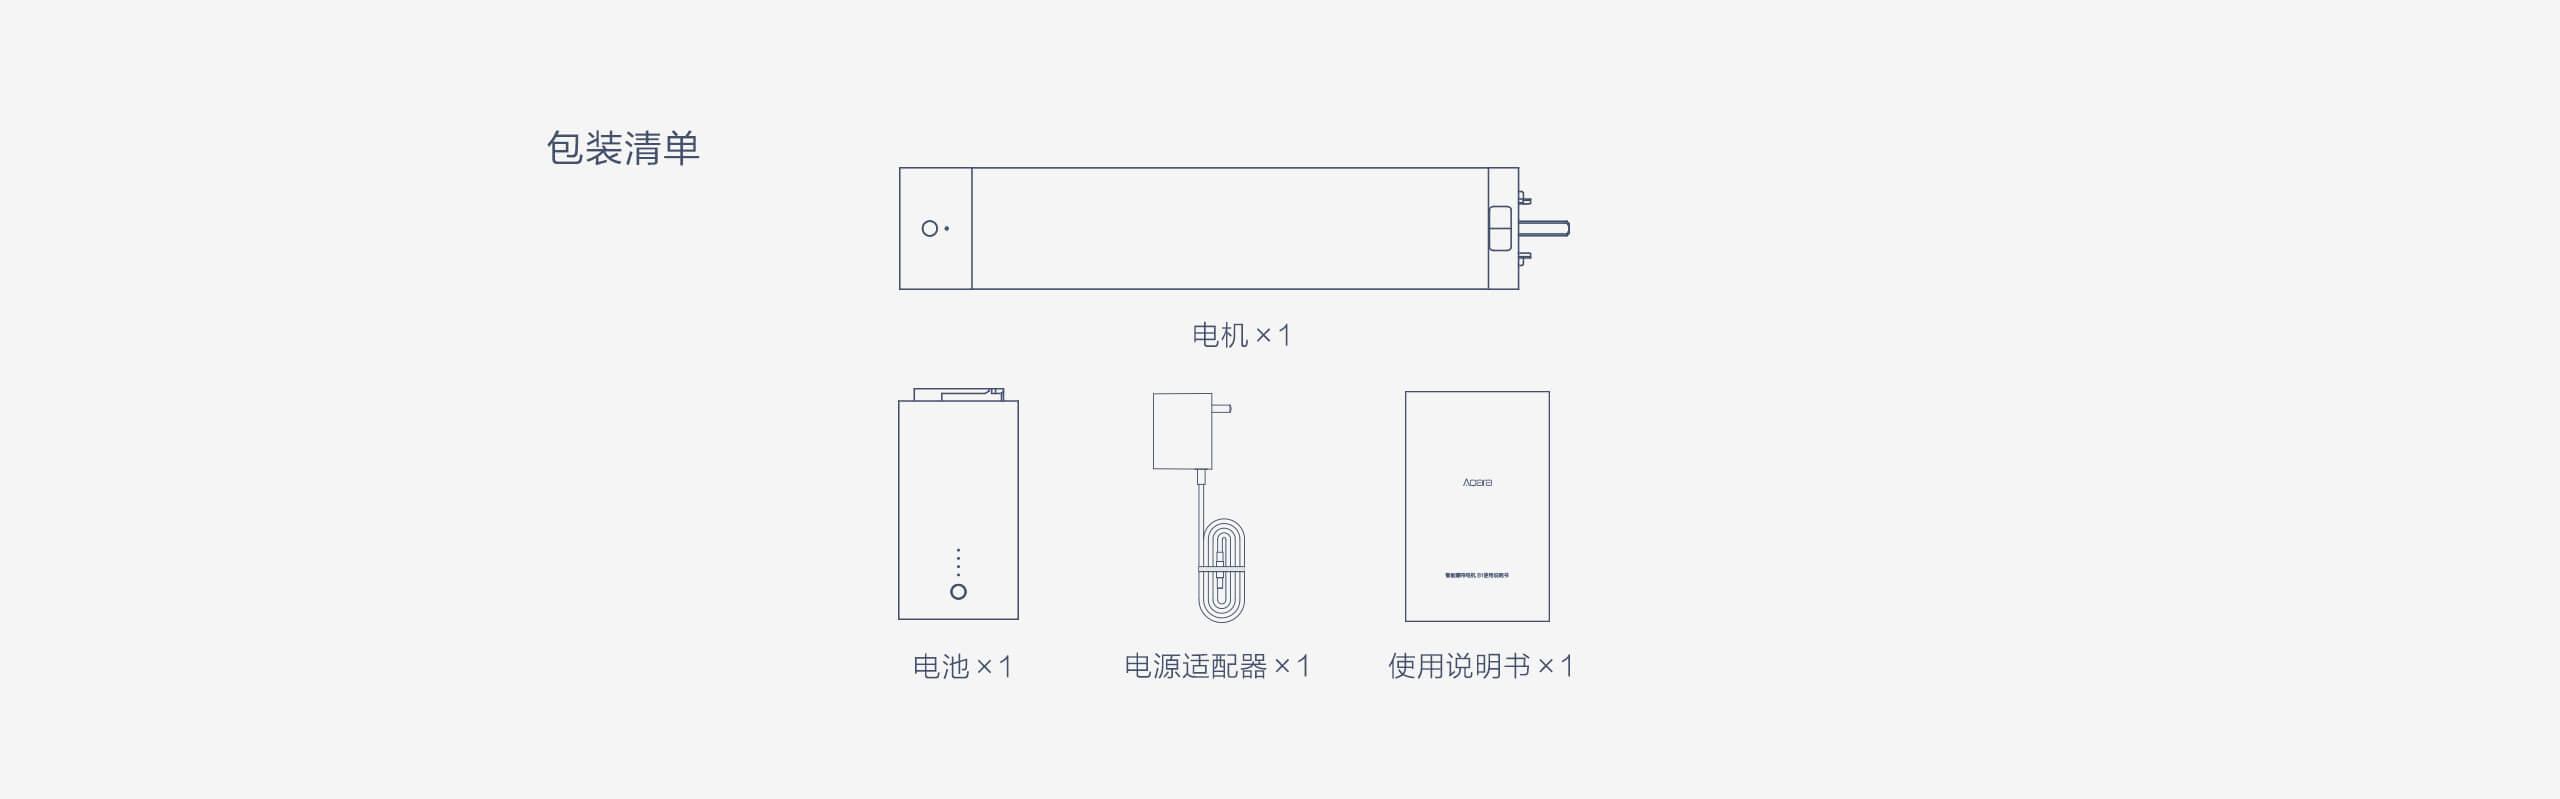 Aqara智能窗帘电机B1 - 包装清单